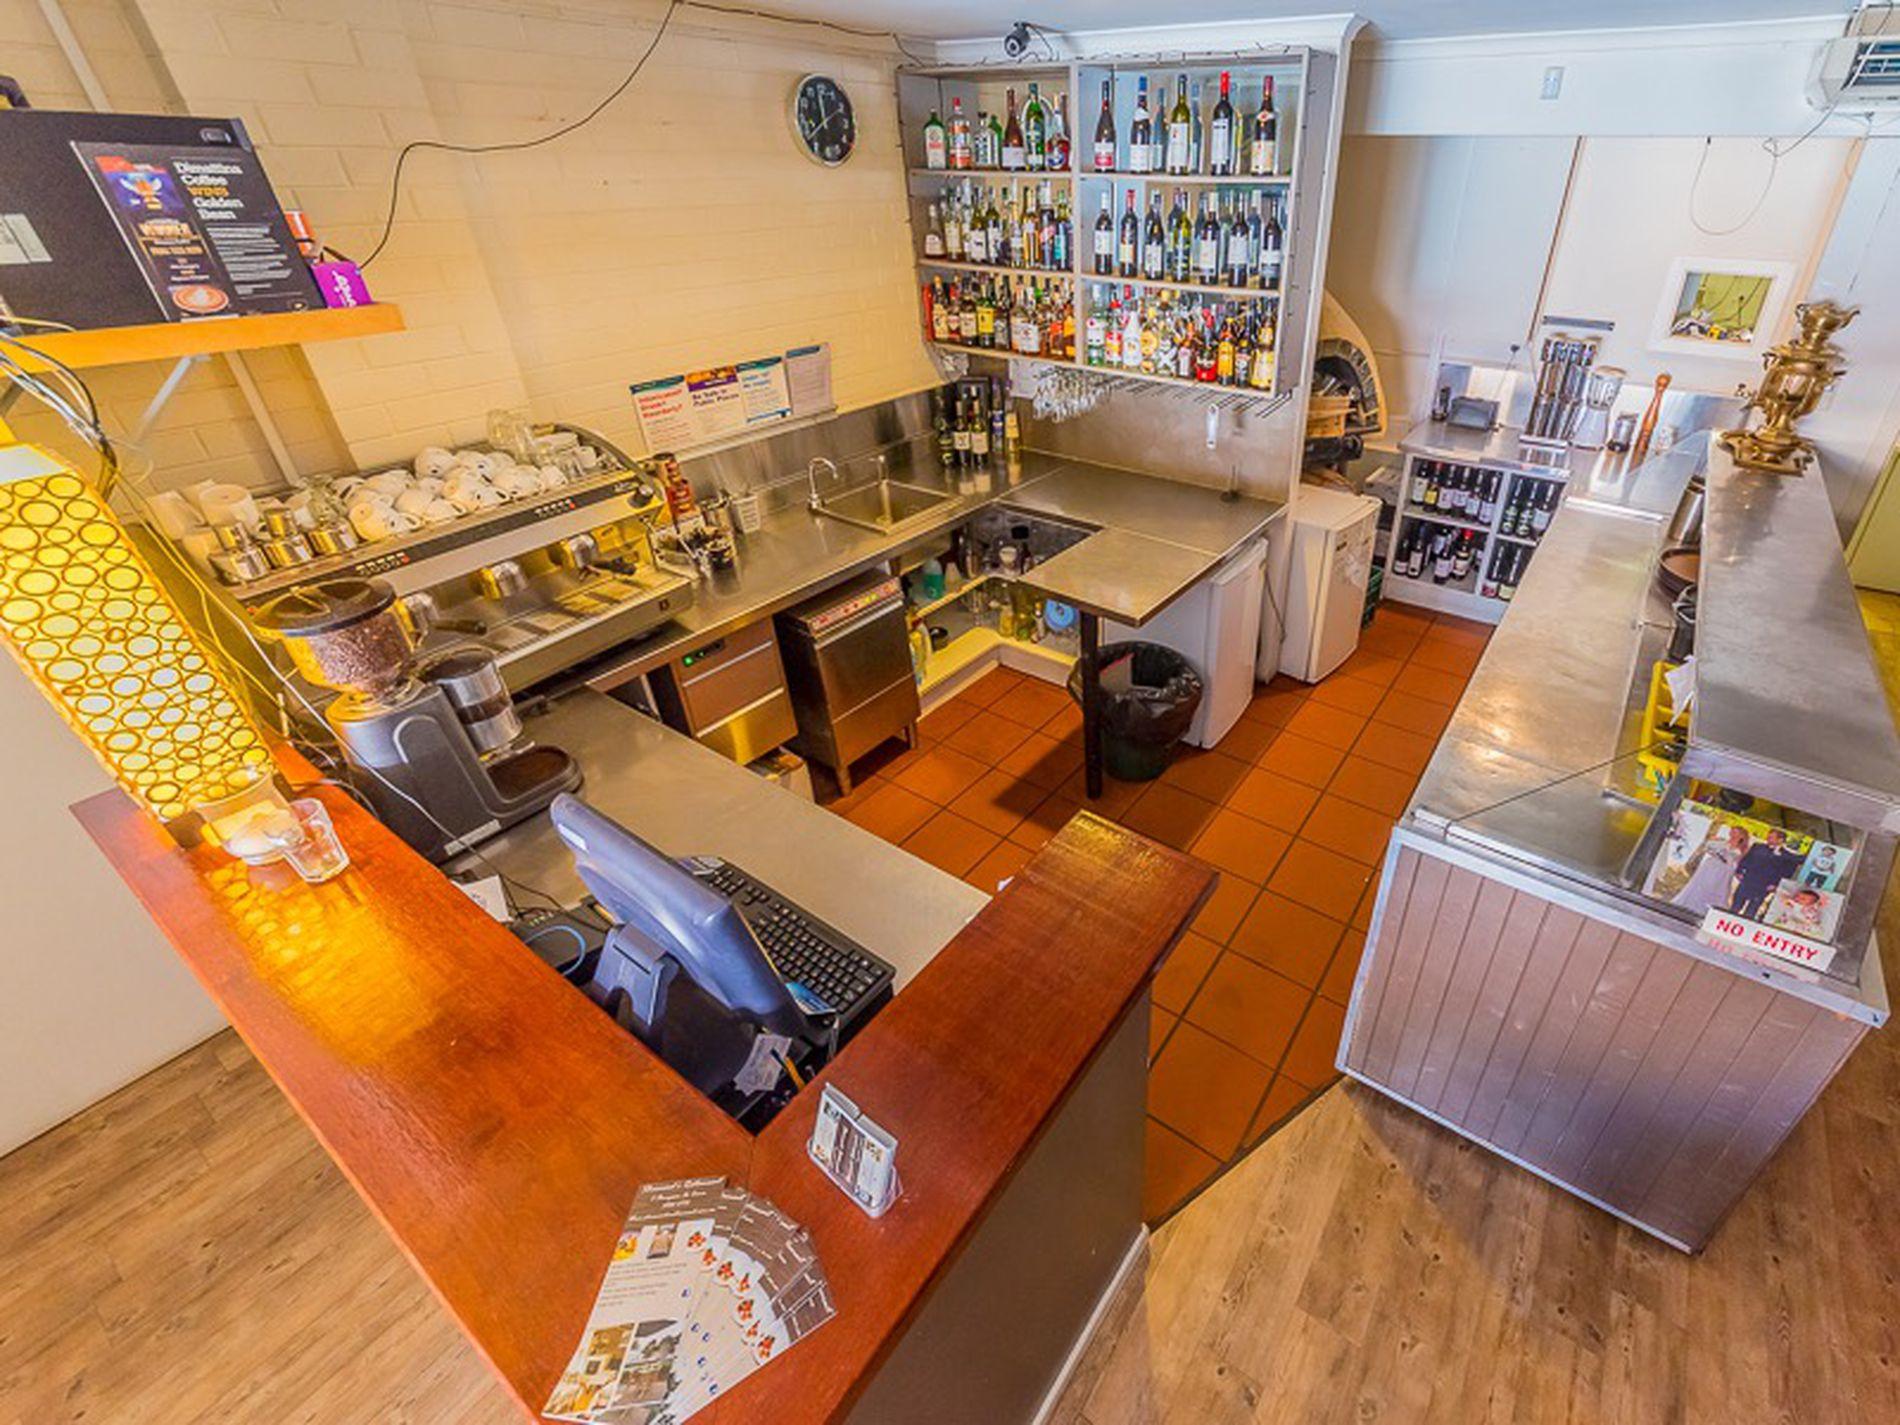 SOLD - Restaurant Bar Cafe Business For Sale Phillip Island